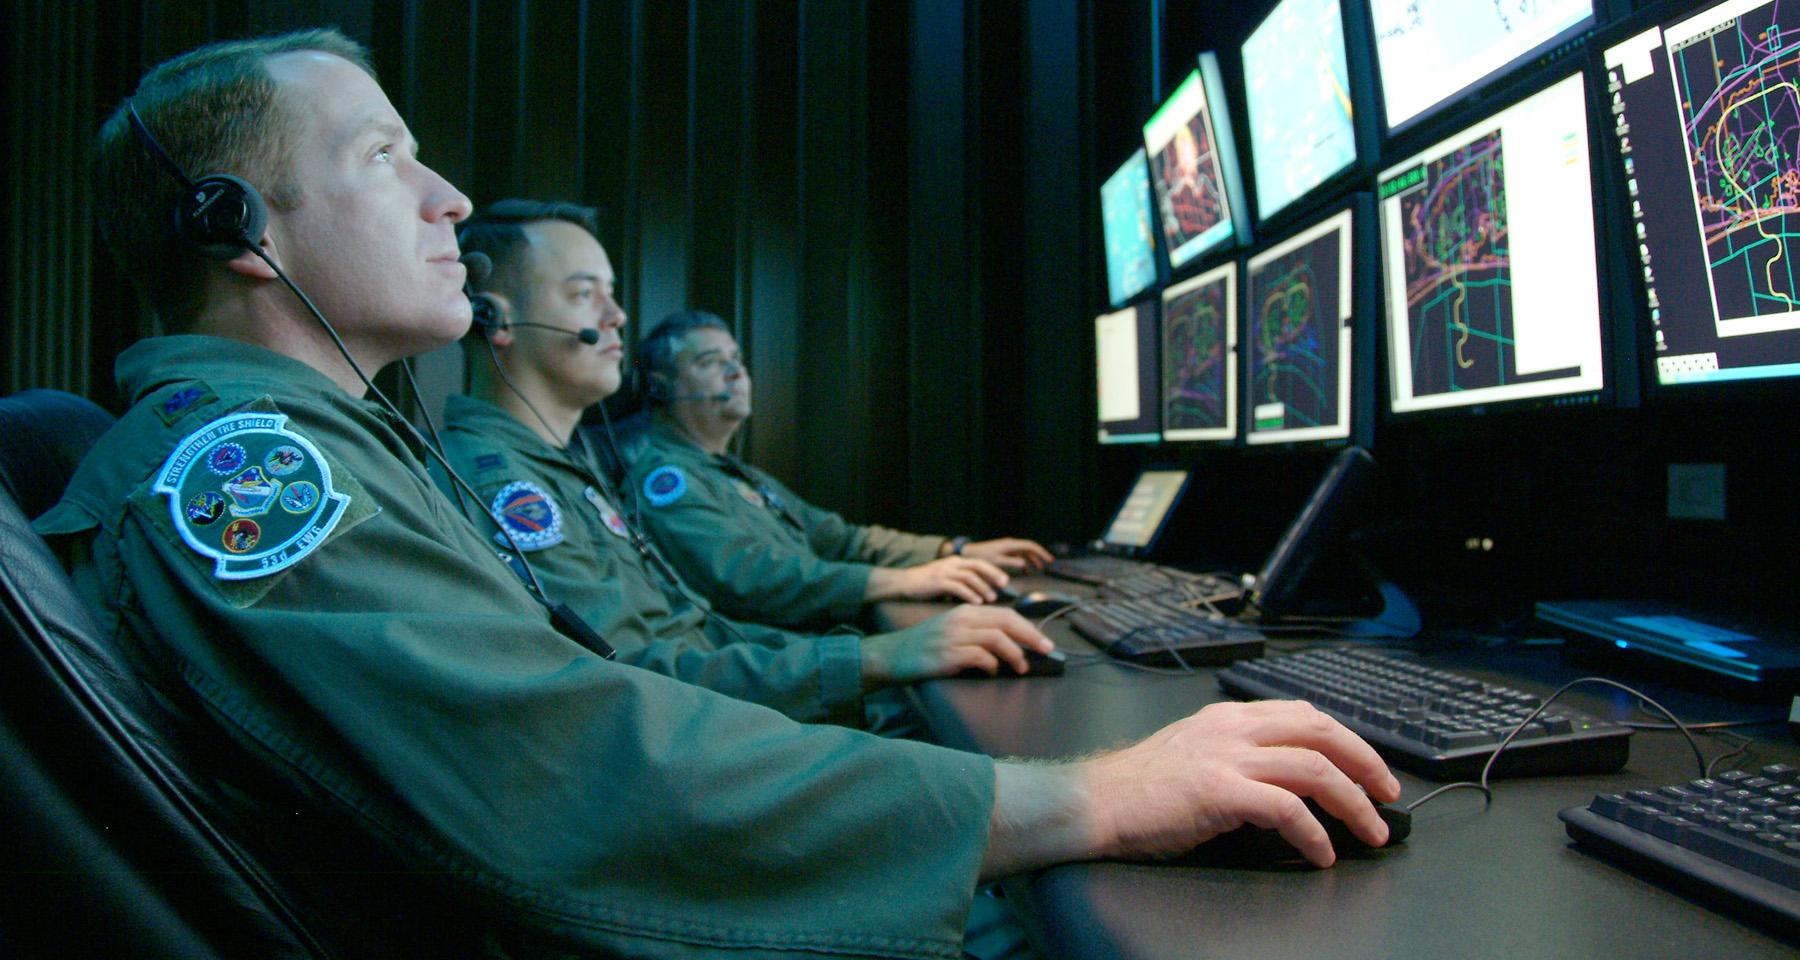 """Пентагон почав кібервійну проти """"Ісламської держави"""""""